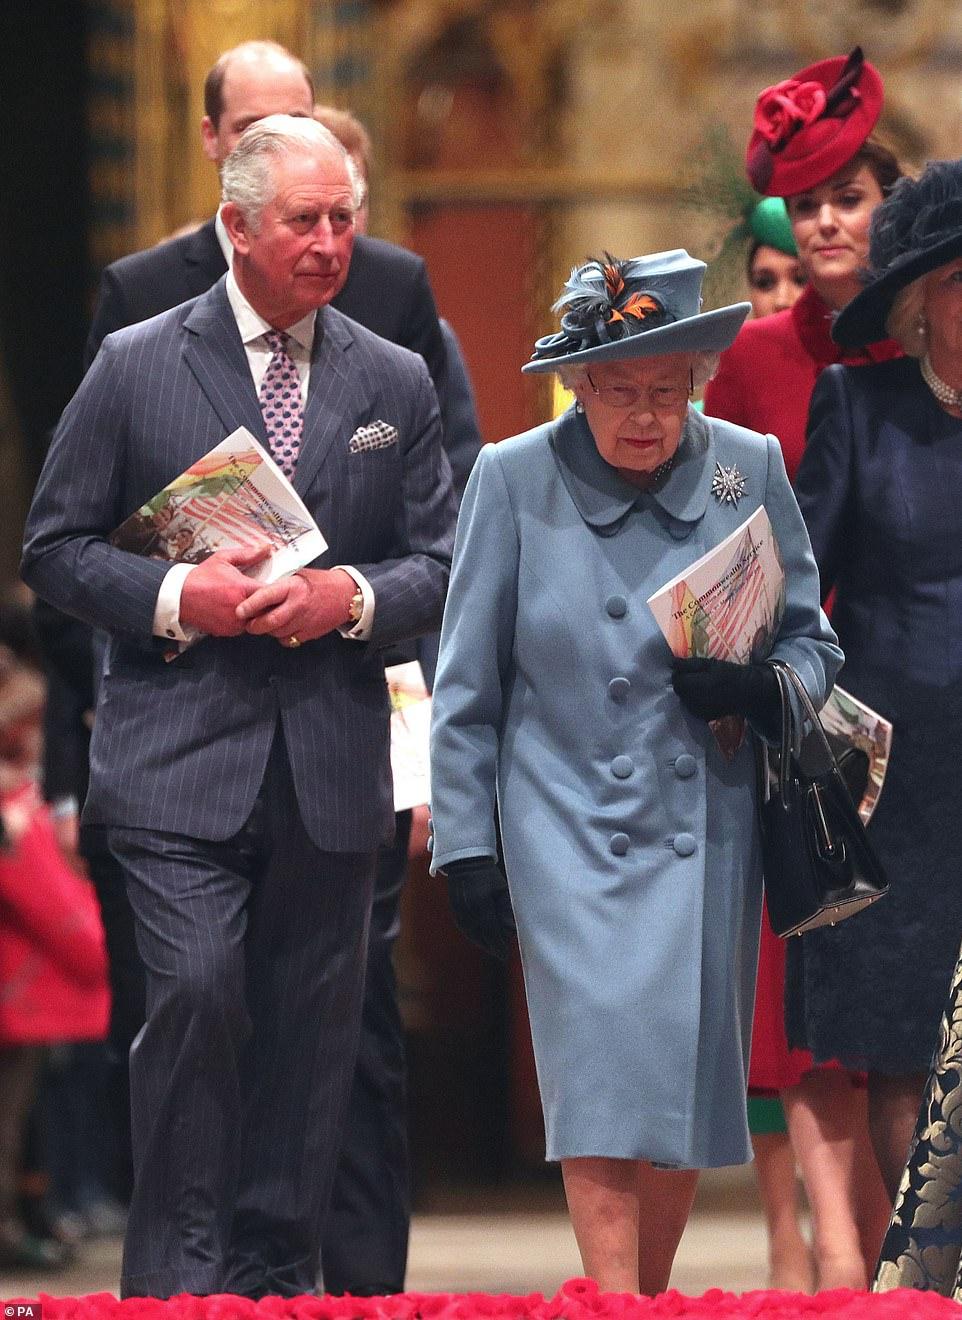 Thái tử Charles đã không gặp mẹ mình từ ngày 13/3, tuy nhiên Nữ hoàng vẫn đang tự cách ly để đề phòng dịch bệnh.